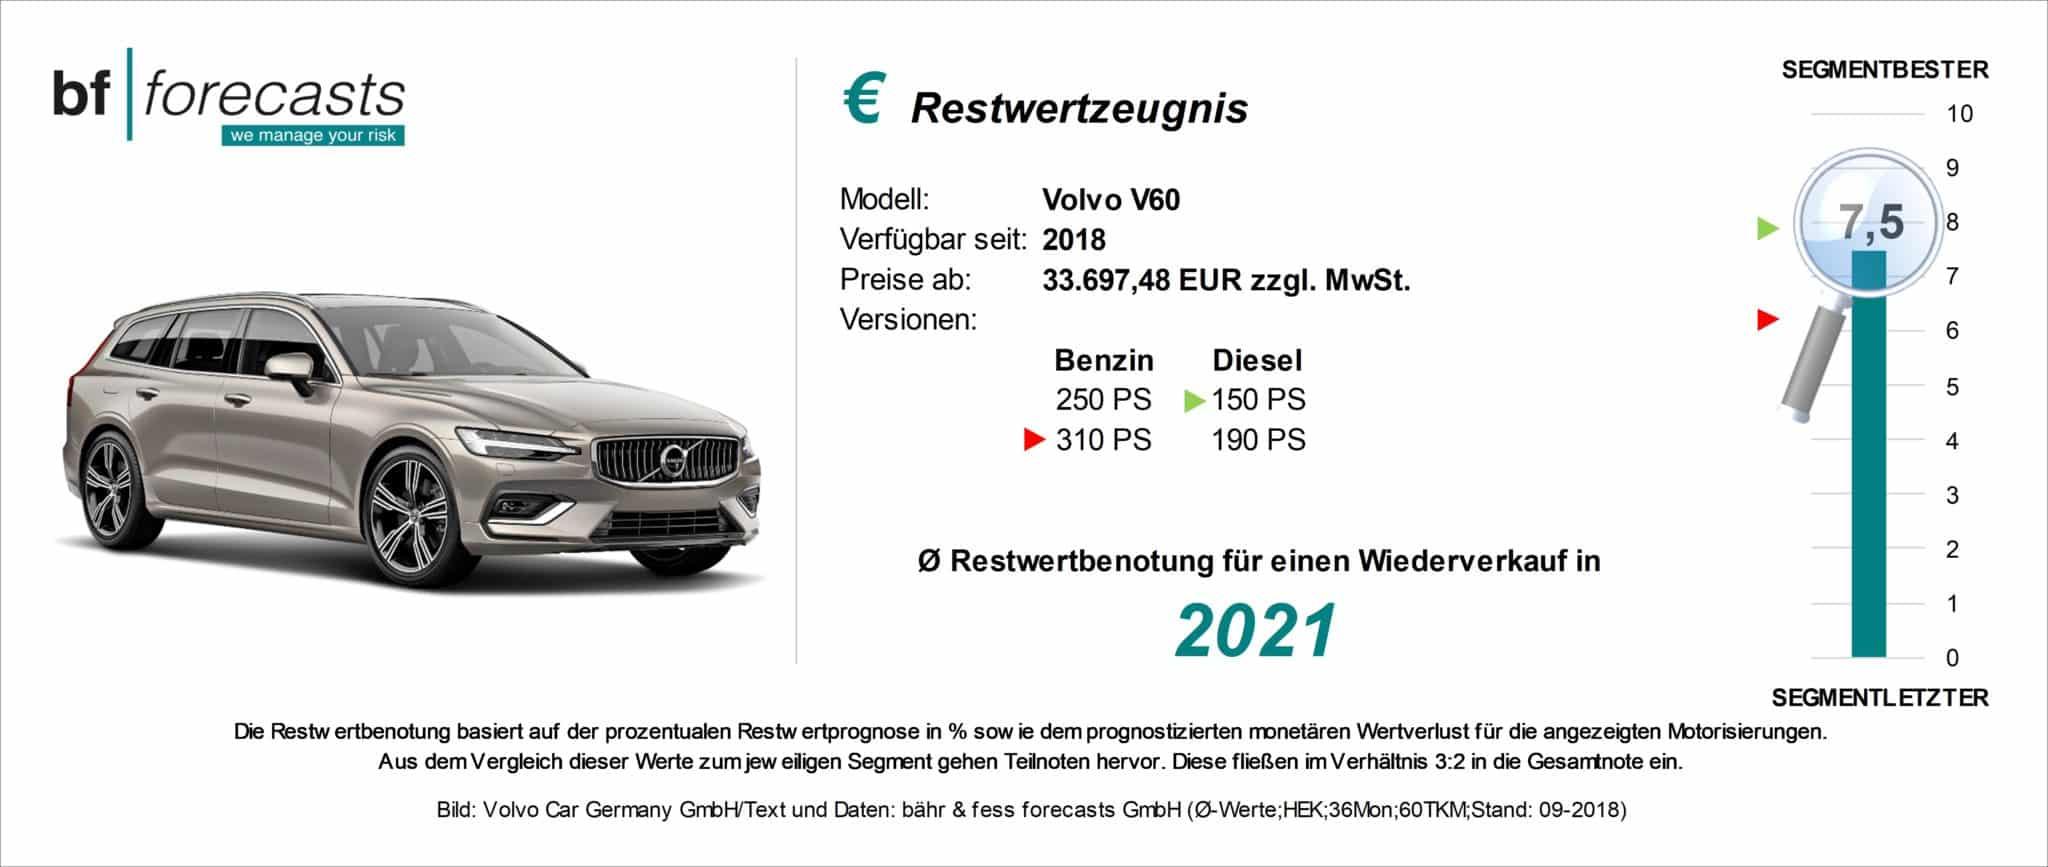 Restwertzeugnis Volvo V60